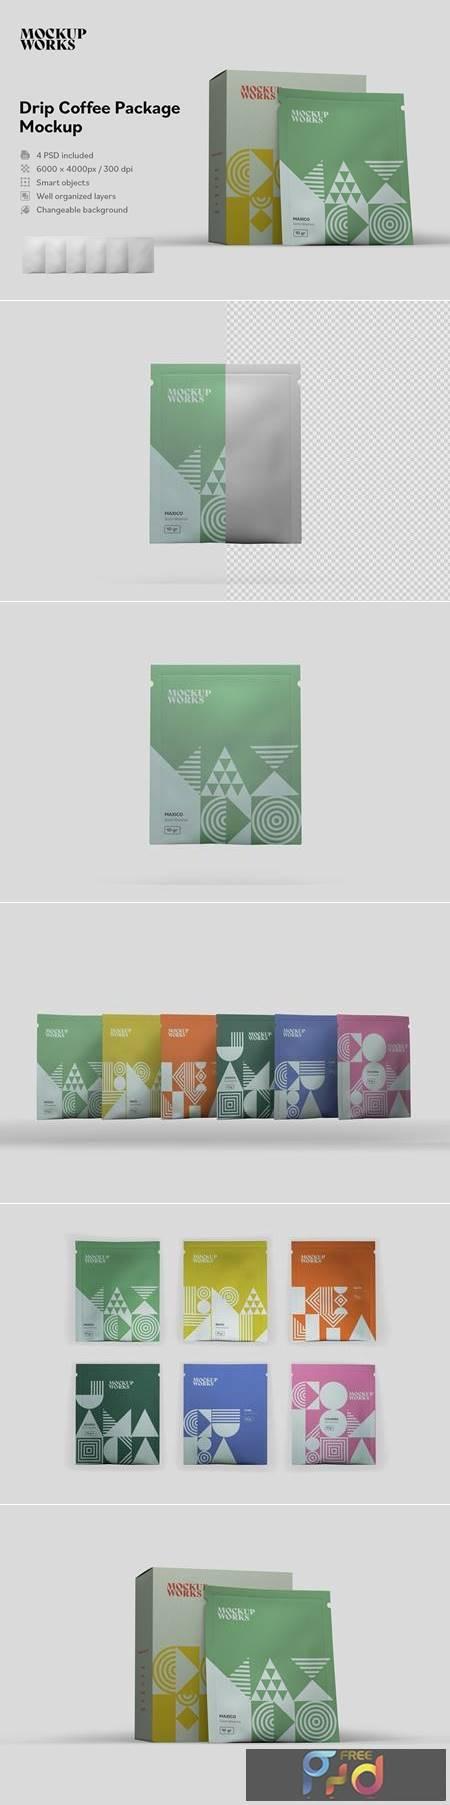 Drip Coffee Package Mockup 5877145 1